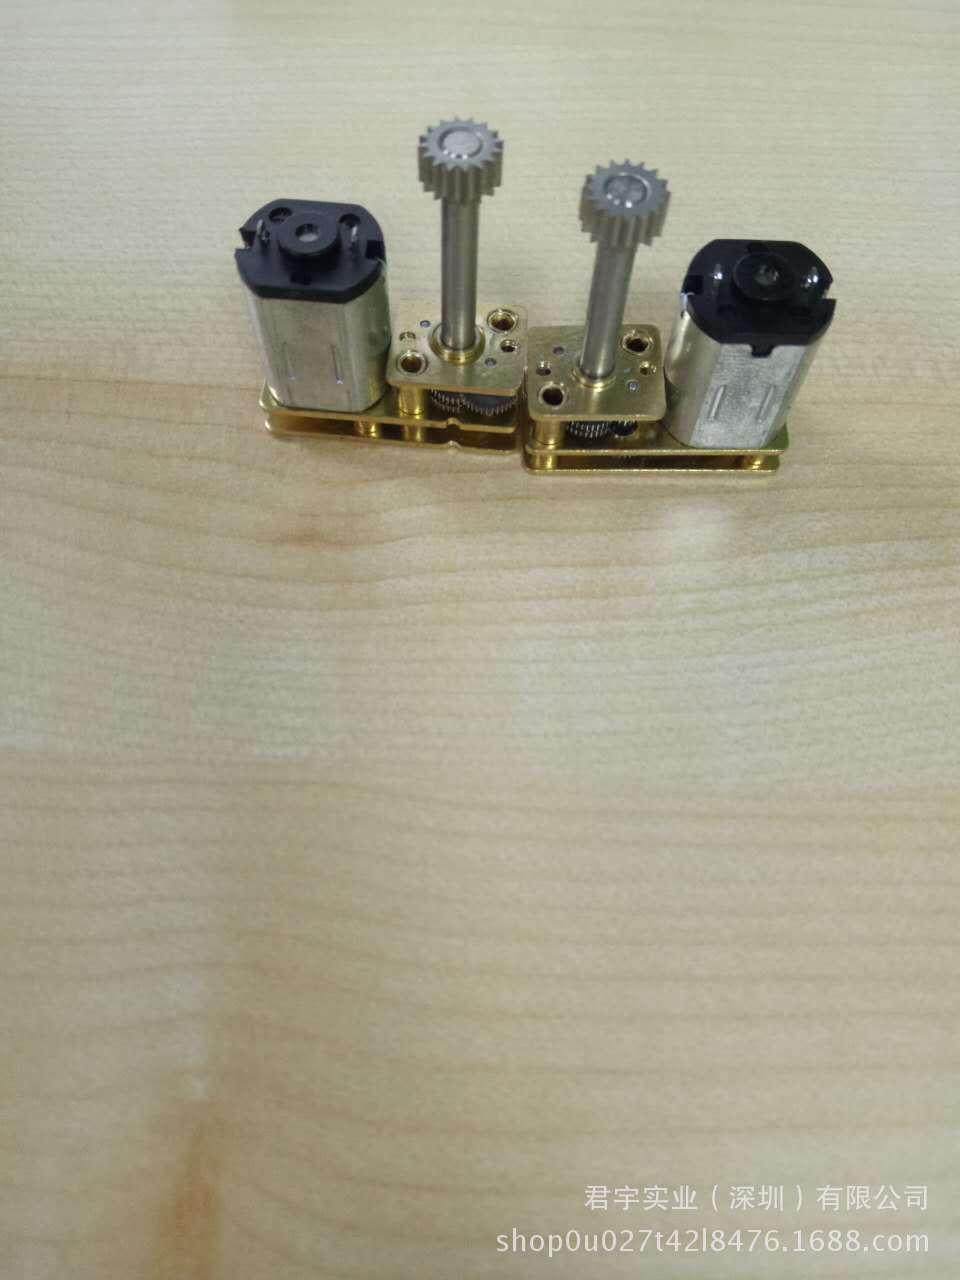 N20减速齿轮电机/齿轮箱马达/减速电机/指纹锁减速电机/酒店门锁